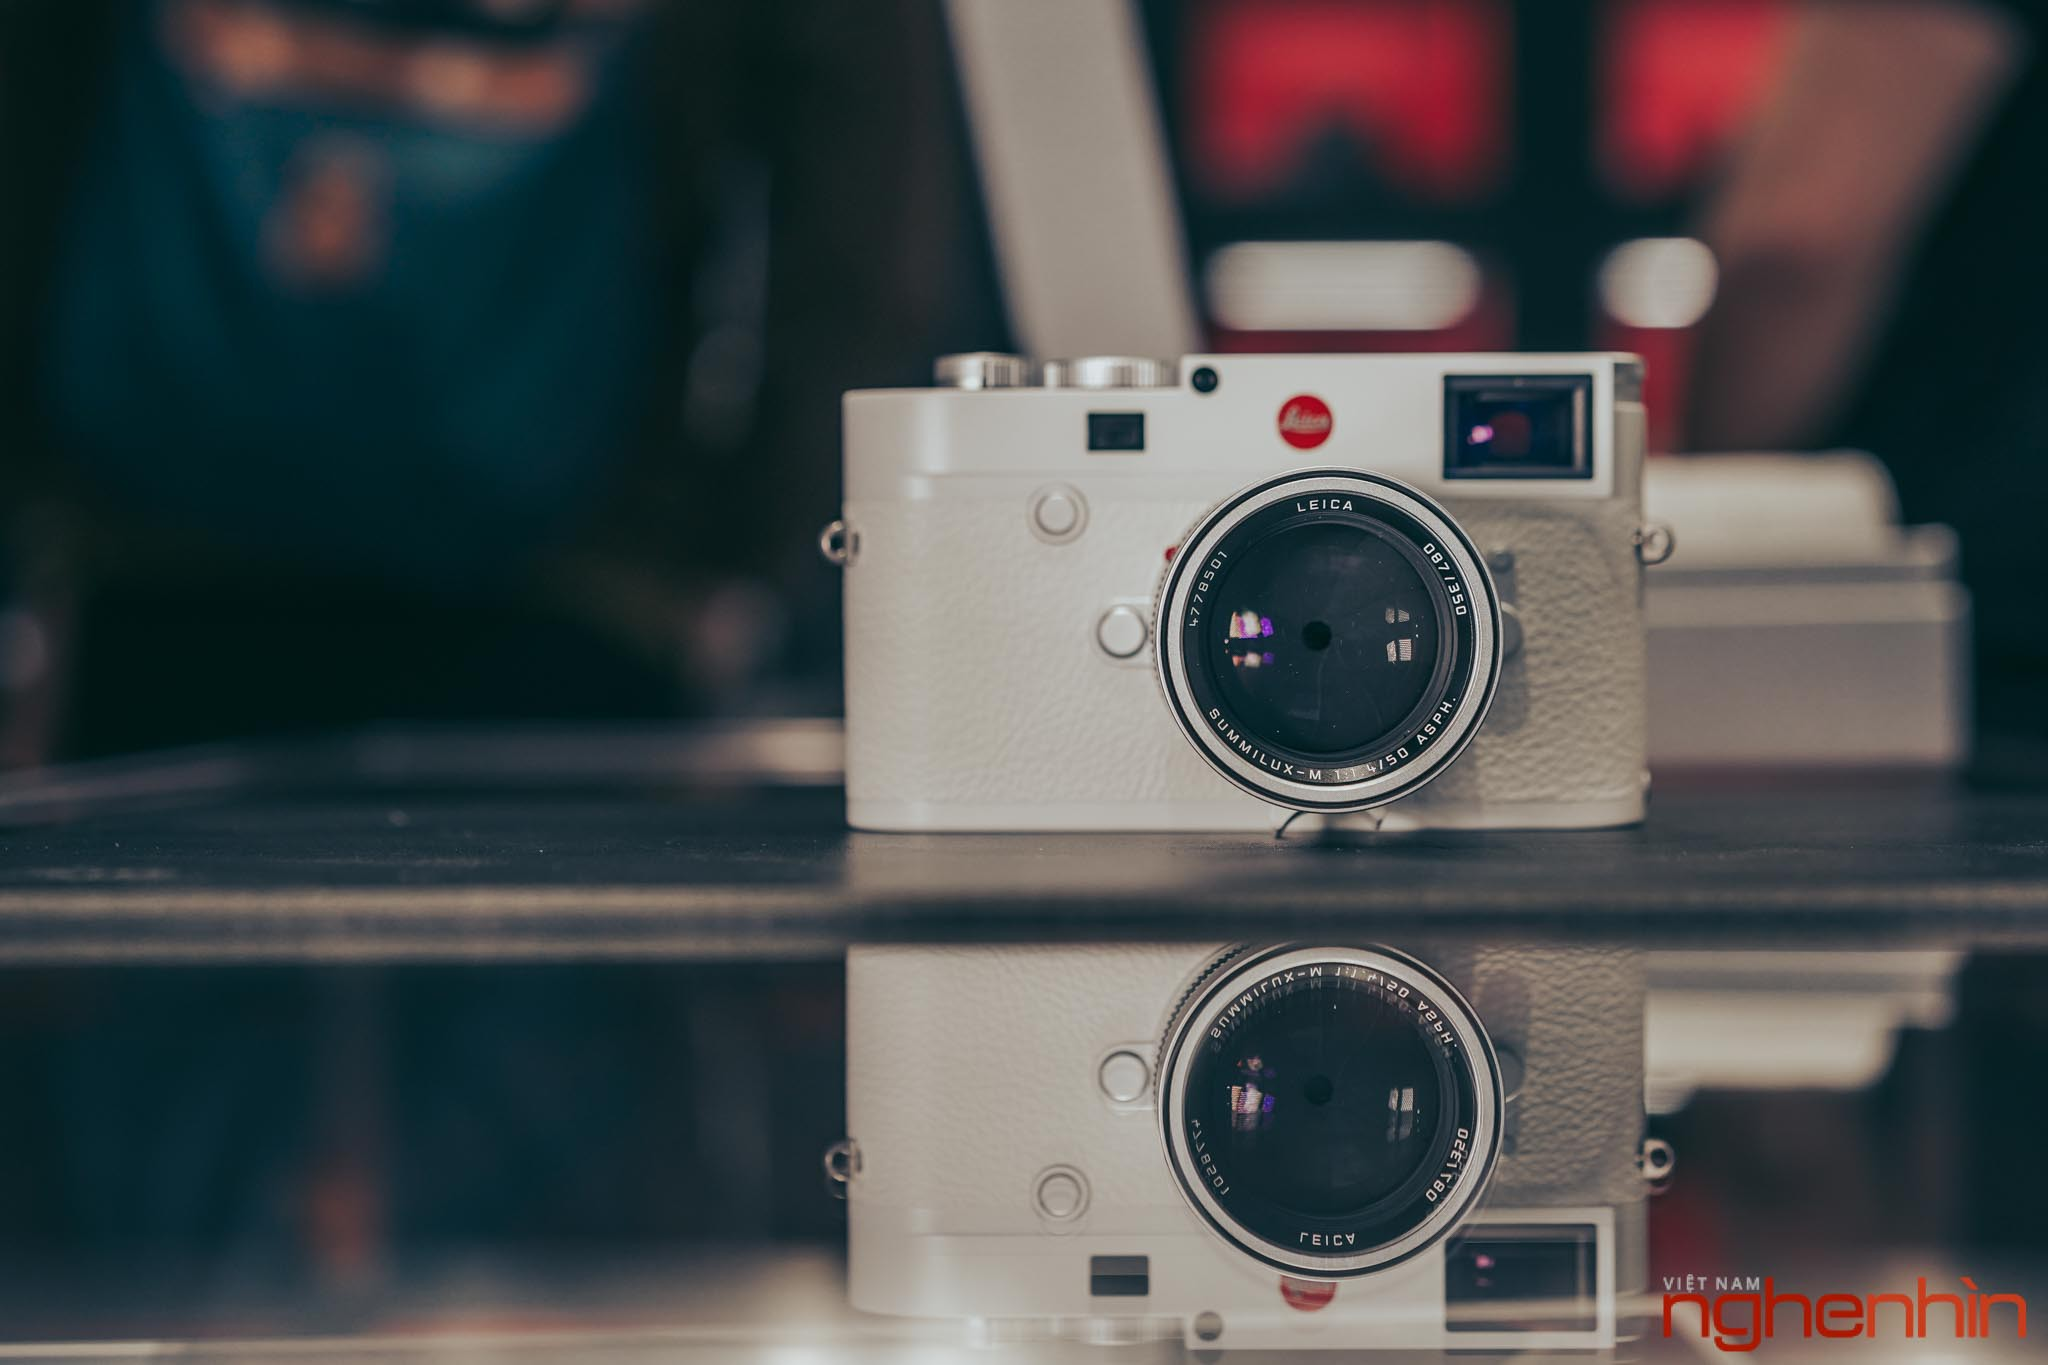 Trên tay Leica M10-P 'White' Edition tại Việt Nam: giá 420 triệu, giới hạn 350 chiếc - Hình 1